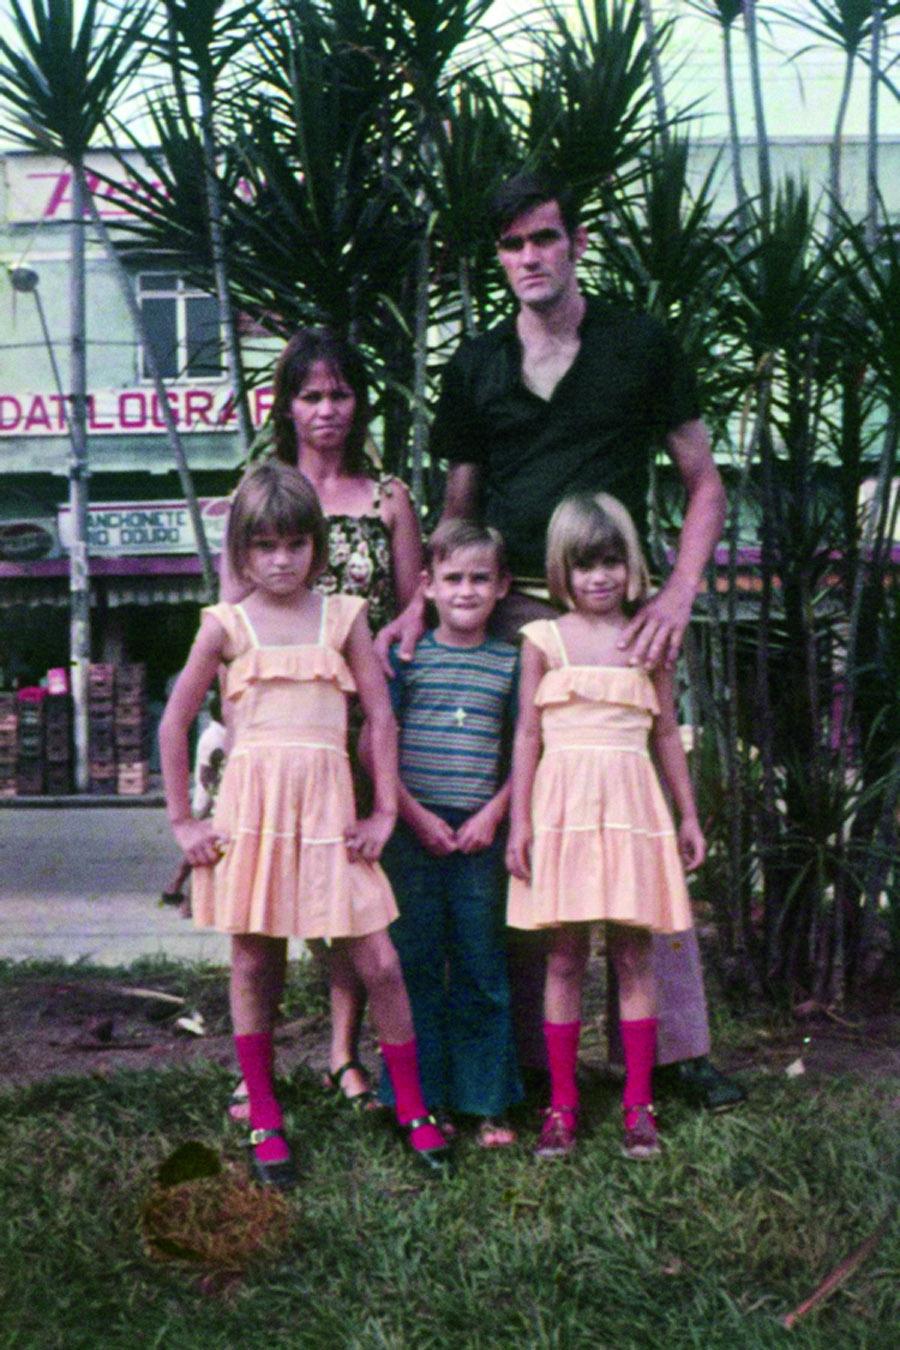 O pequenino Rogério, no centro, com seus pais e suas duas irmãs na infância feliz na baixada fluminense